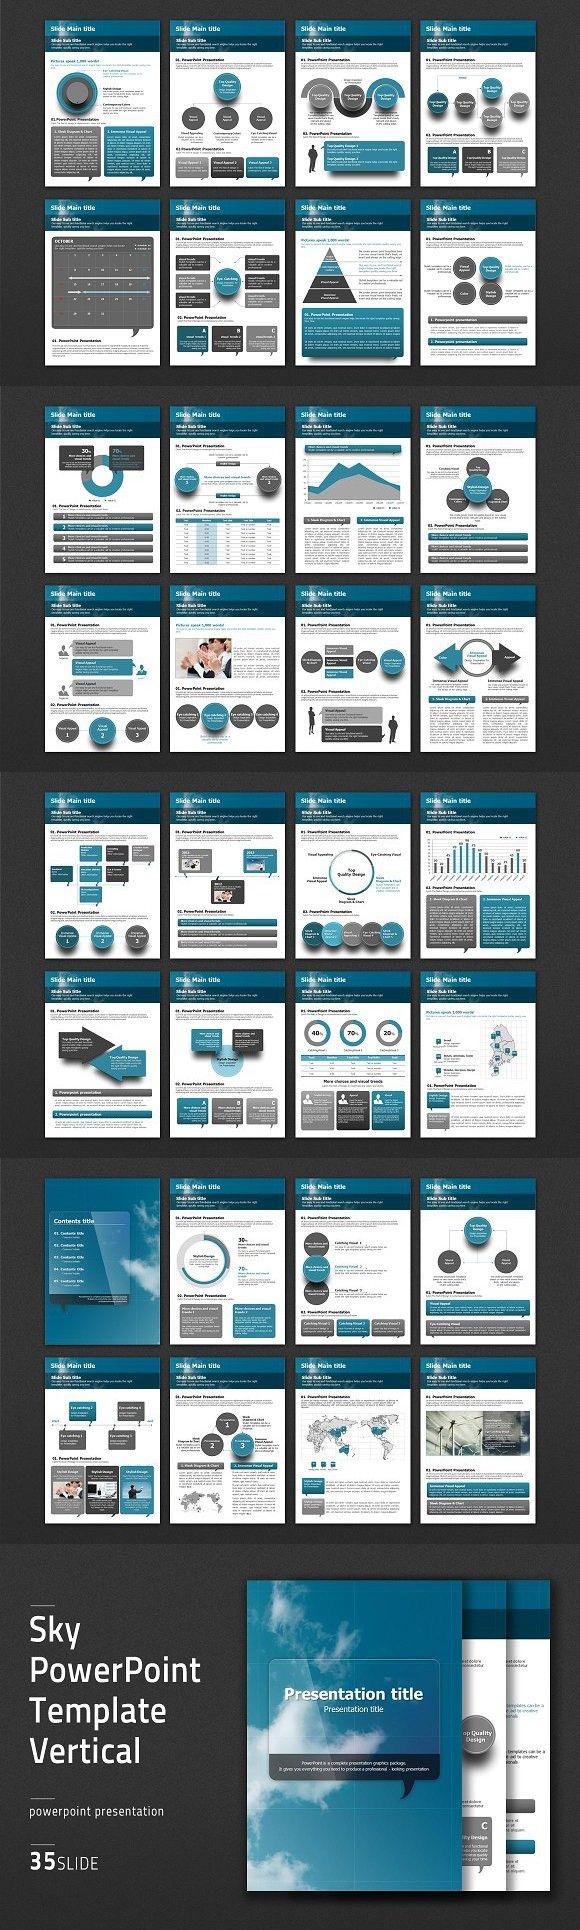 Sky powerpoint template vertical clouds presentation templates sky powerpoint template vertical clouds toneelgroepblik Images